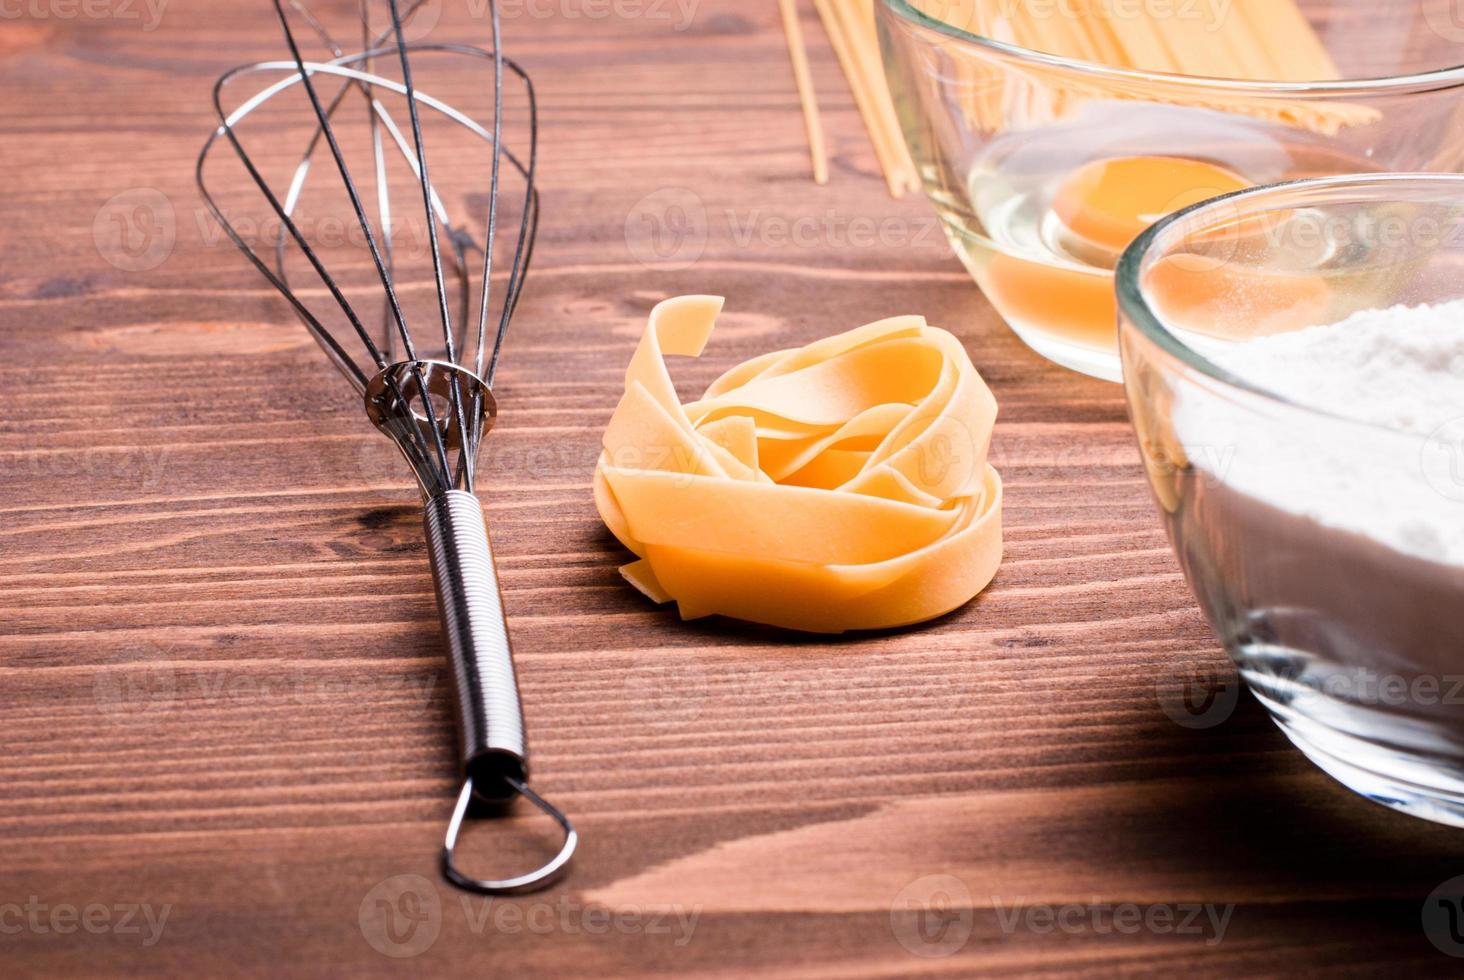 macarrão cru fatia única ingredientes crus e bata foto